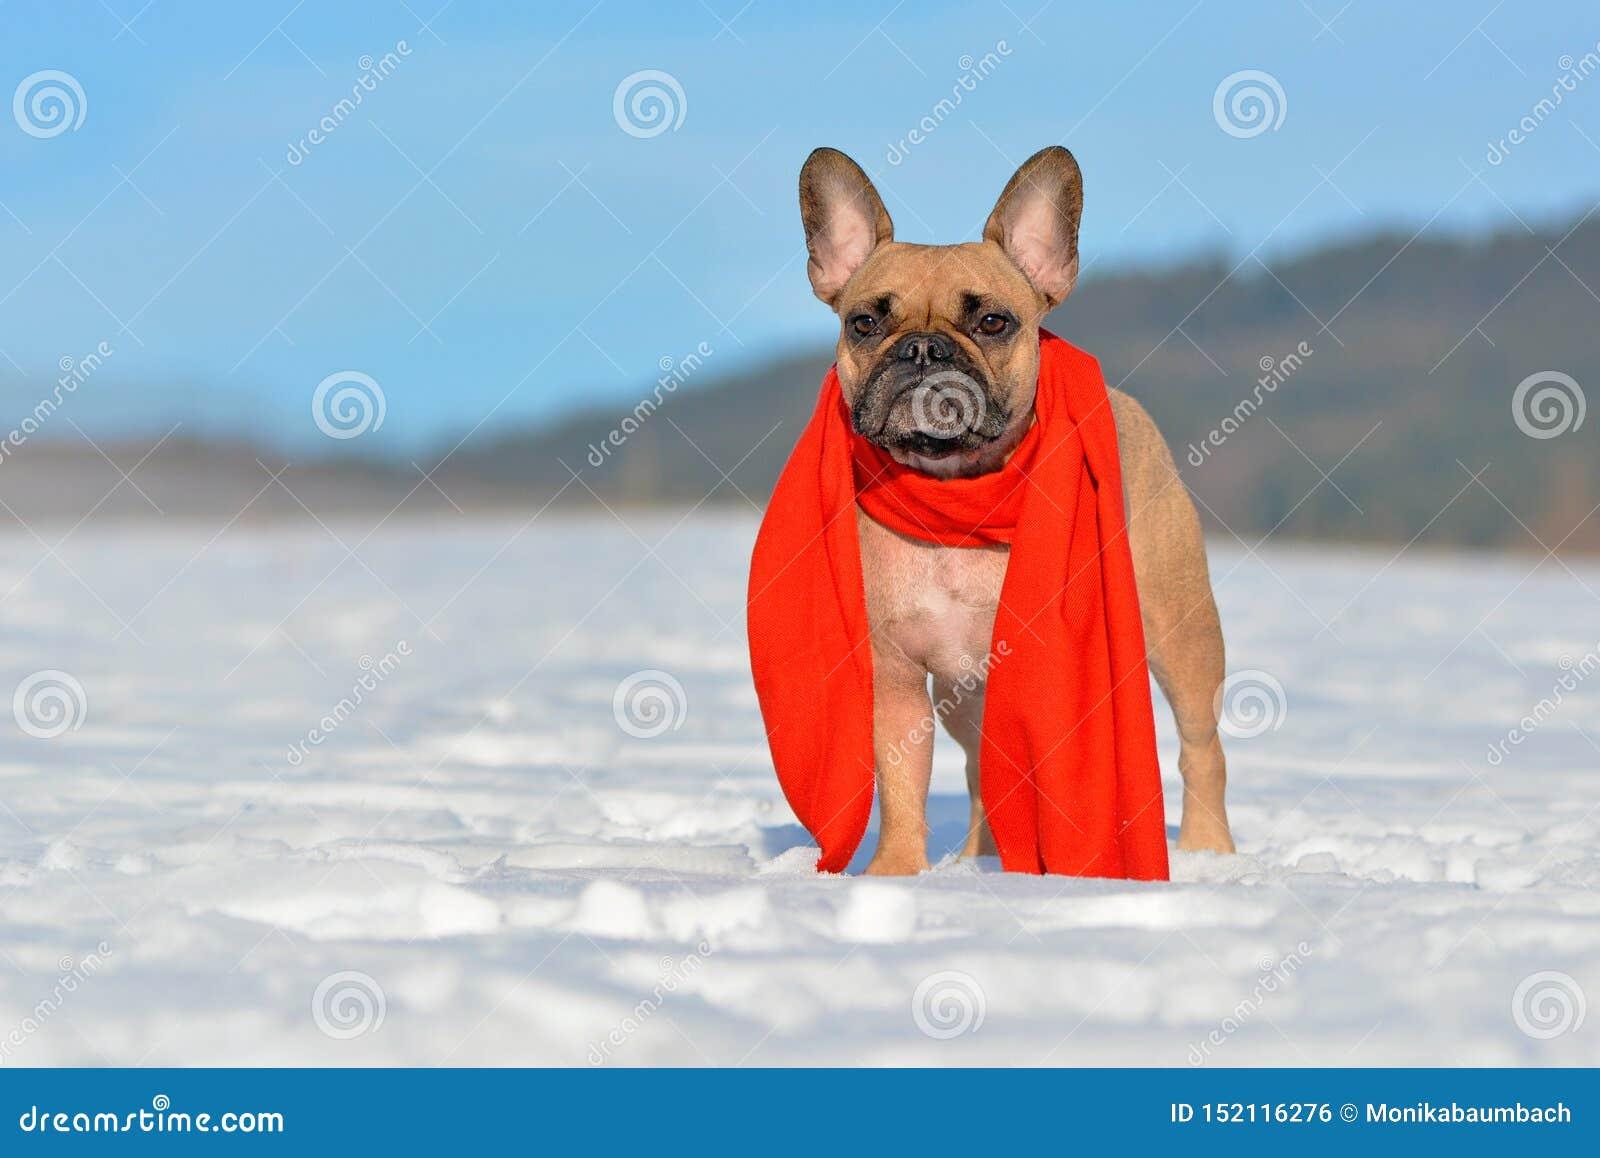 Fawn French Bulldog hund med en röd vinterhalsduk runt om halsanseende i snölandskap i vinter